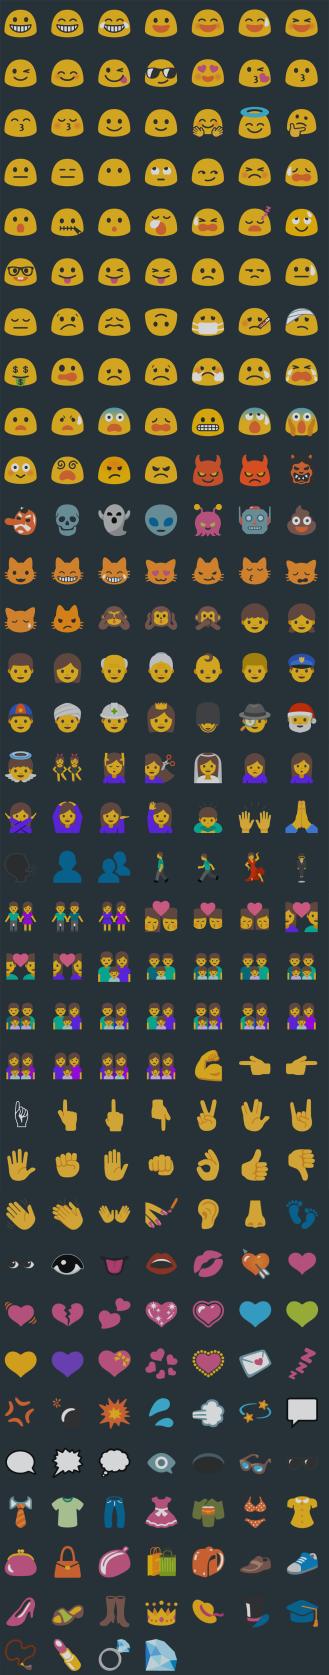 emoji-emotions-n-preview-2edit